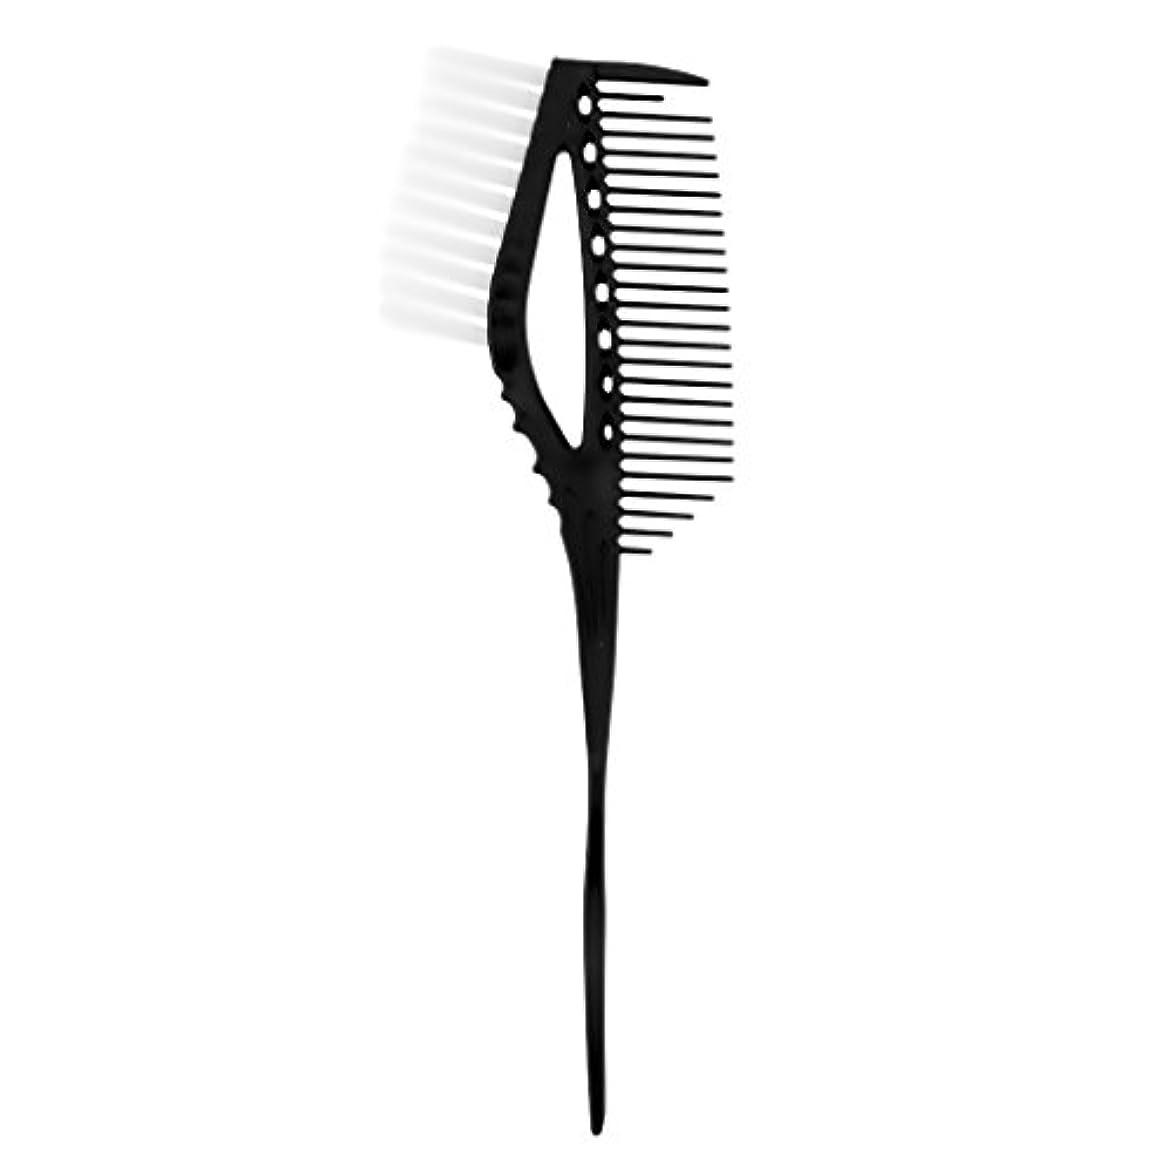 カッターしばしば極めてハイライト櫛 染め櫛 ヘアブラシ ヘアカラー 色合い ヘアスタイル 便利 3色選べる - ブラック